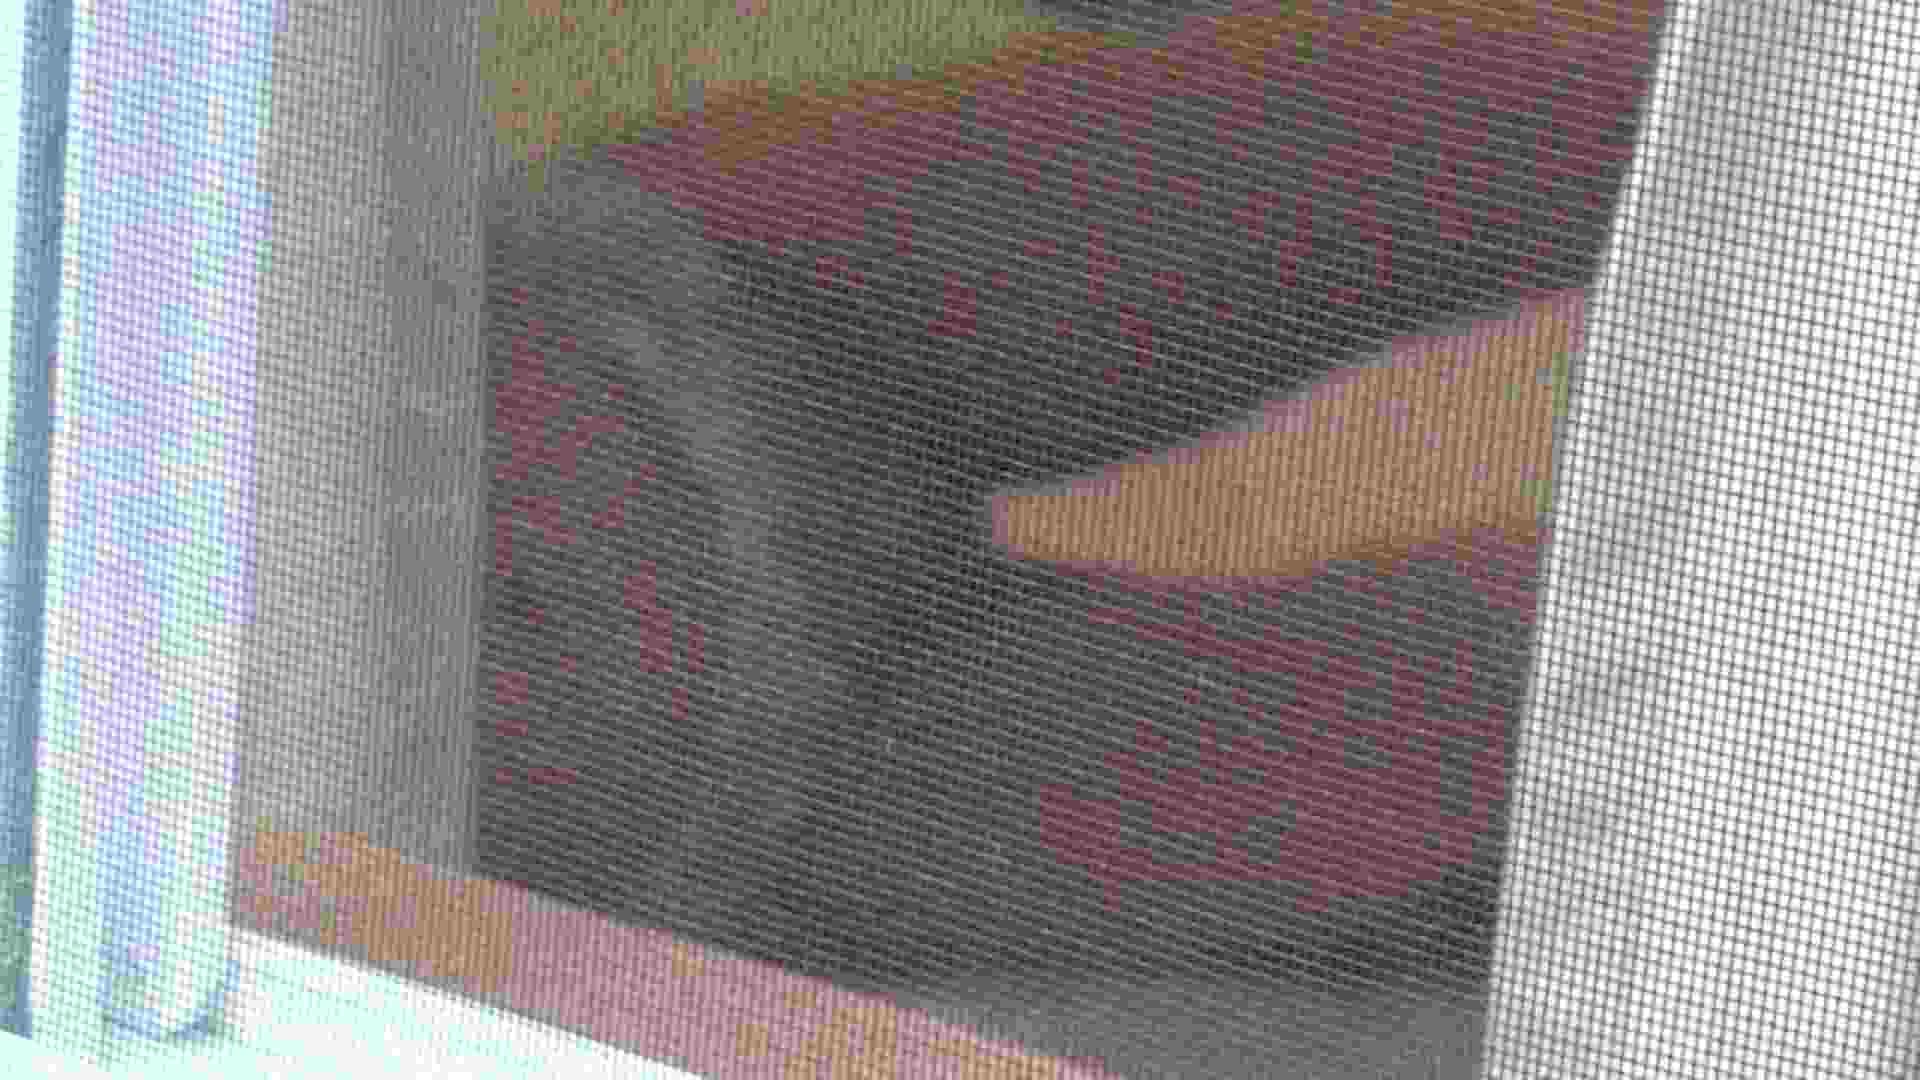 老舗ペンション2代目オーナーが流出したお宝映像Vol.4 濃厚セックス  30PICs 27